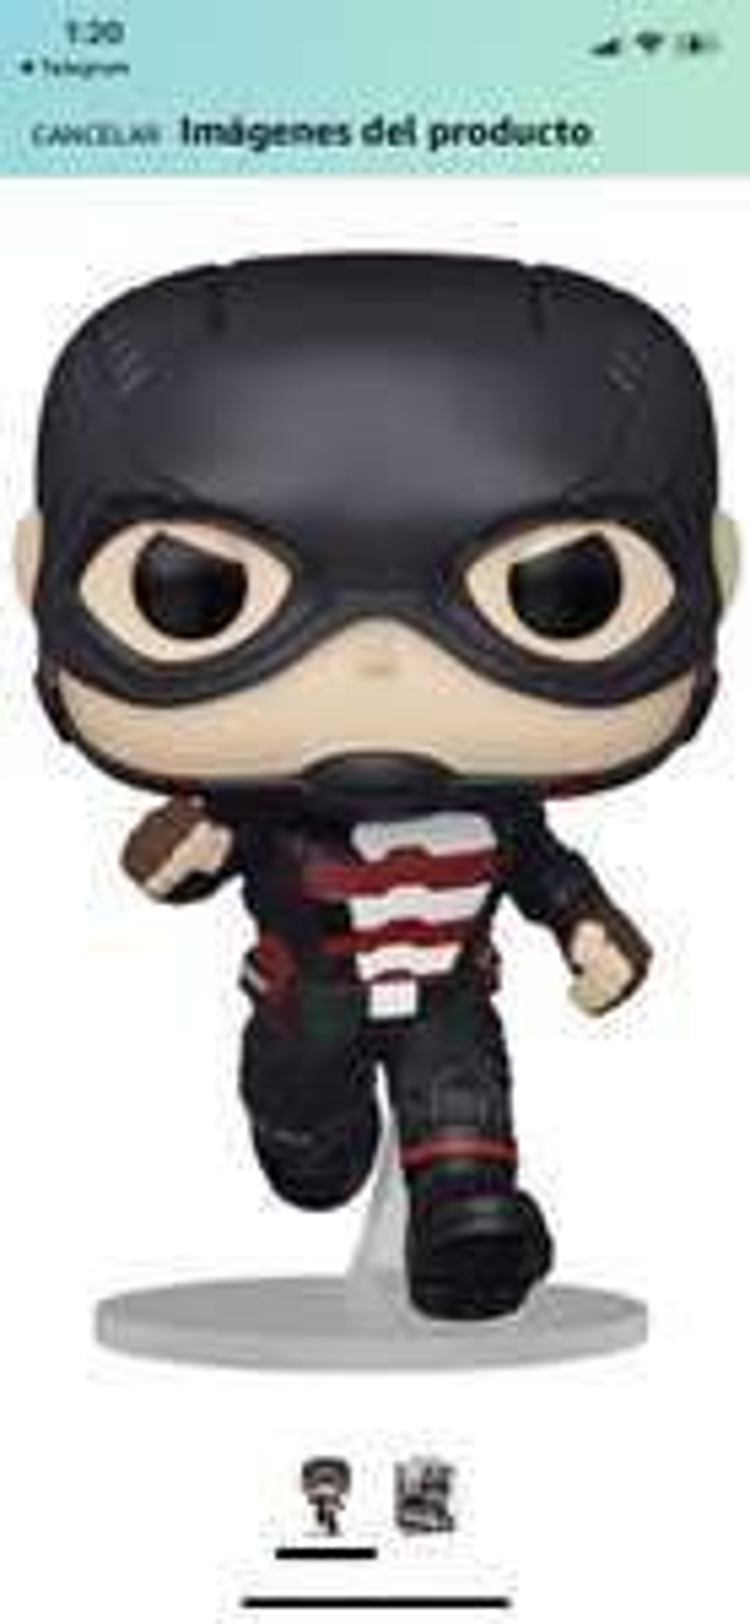 Amazon: Preventa: Funko Pop! Marvel: Falcon and The Winter Soldier - U.S. Agent